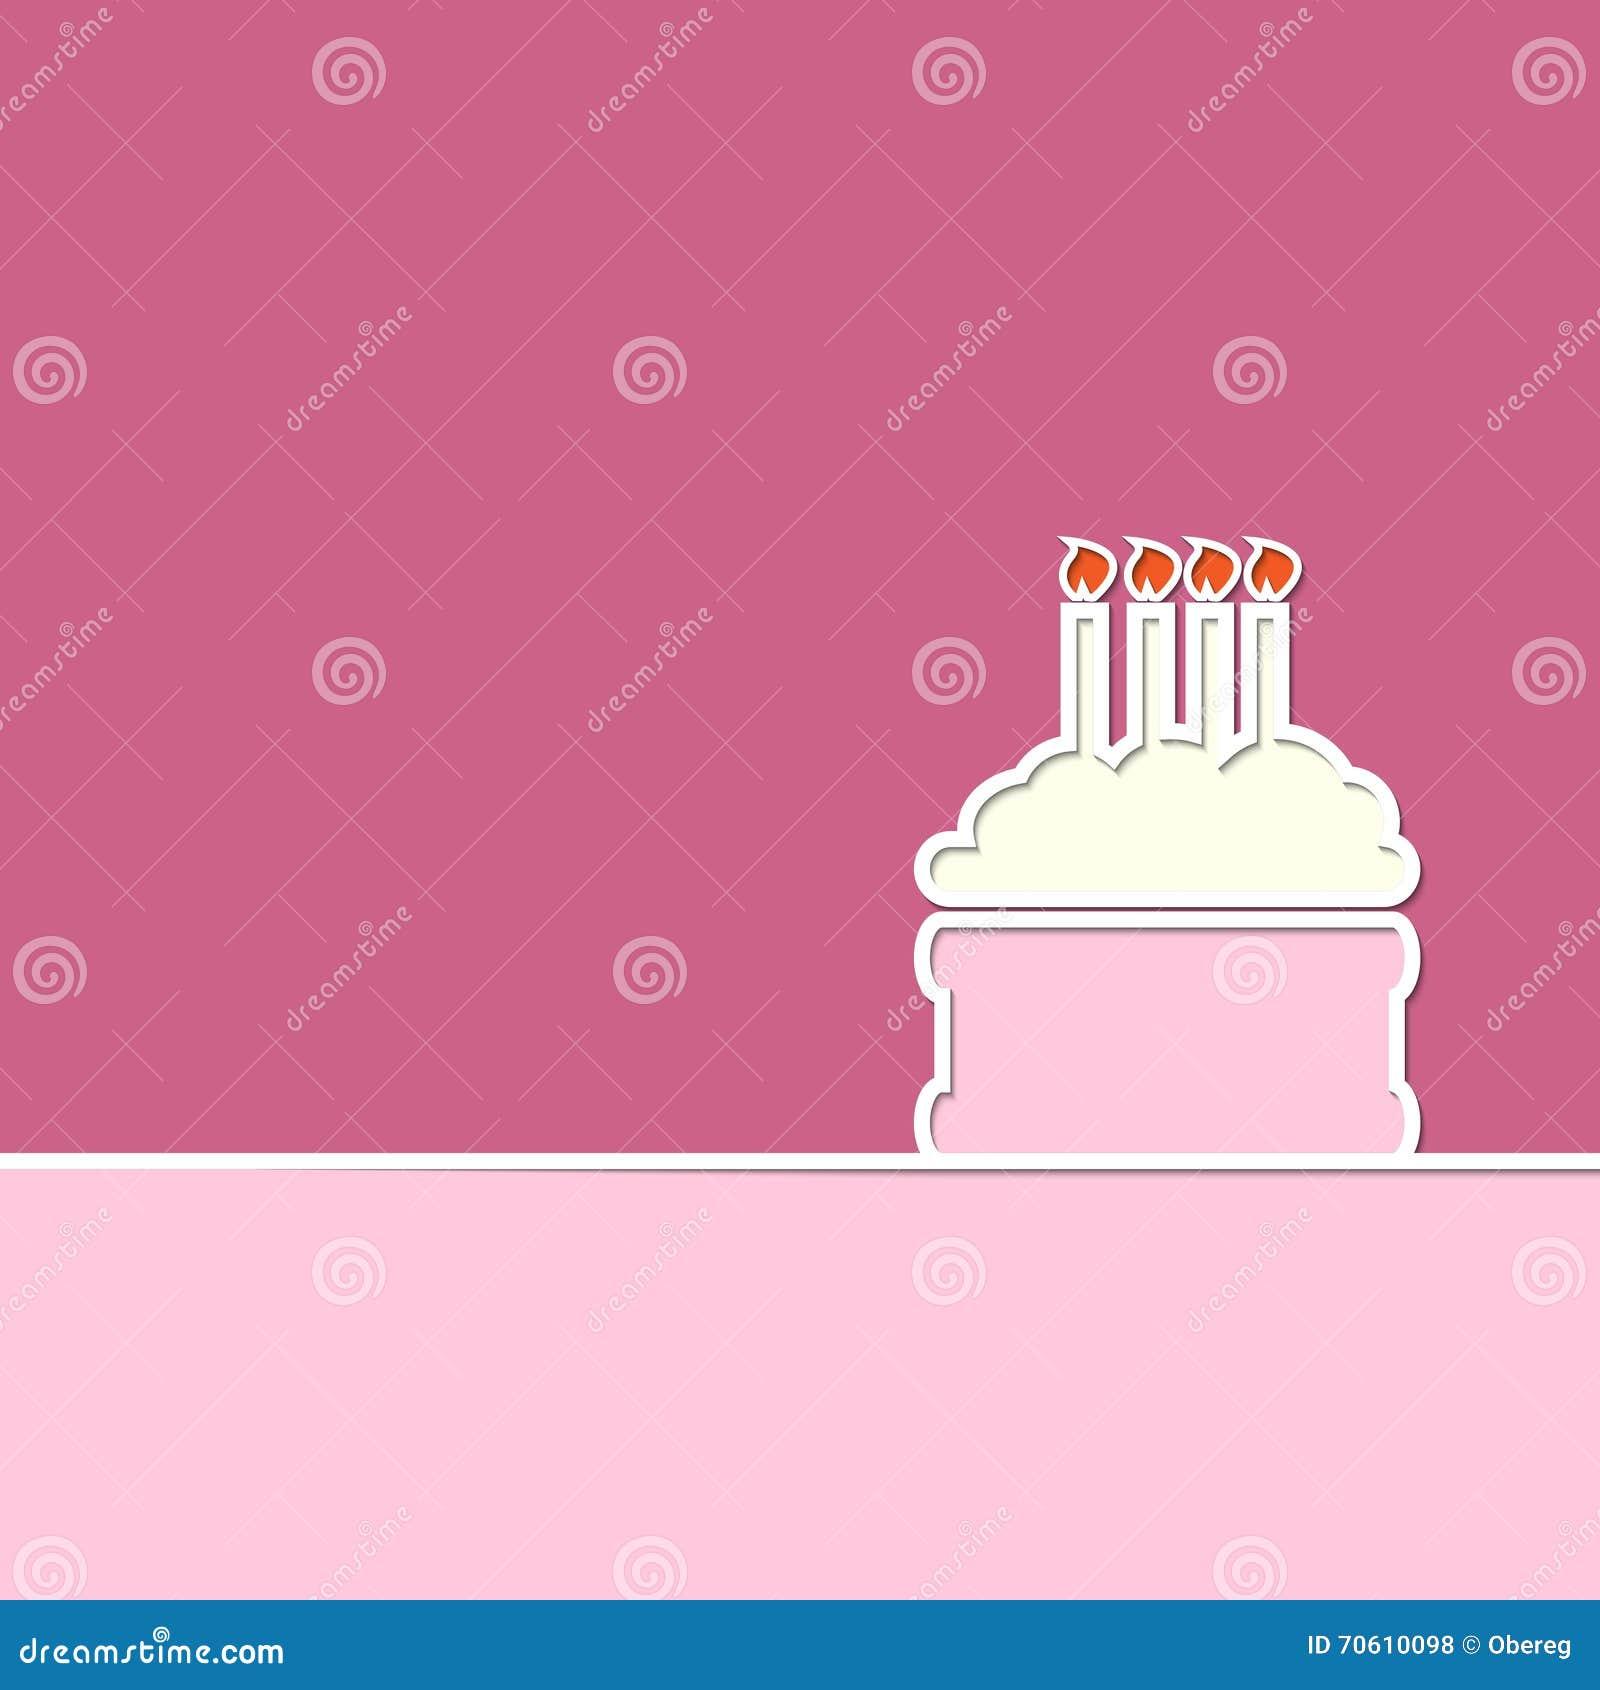 Kreative Linie Kuchen Und Kerzen Alles Gute Zum Geburtstag Zacken